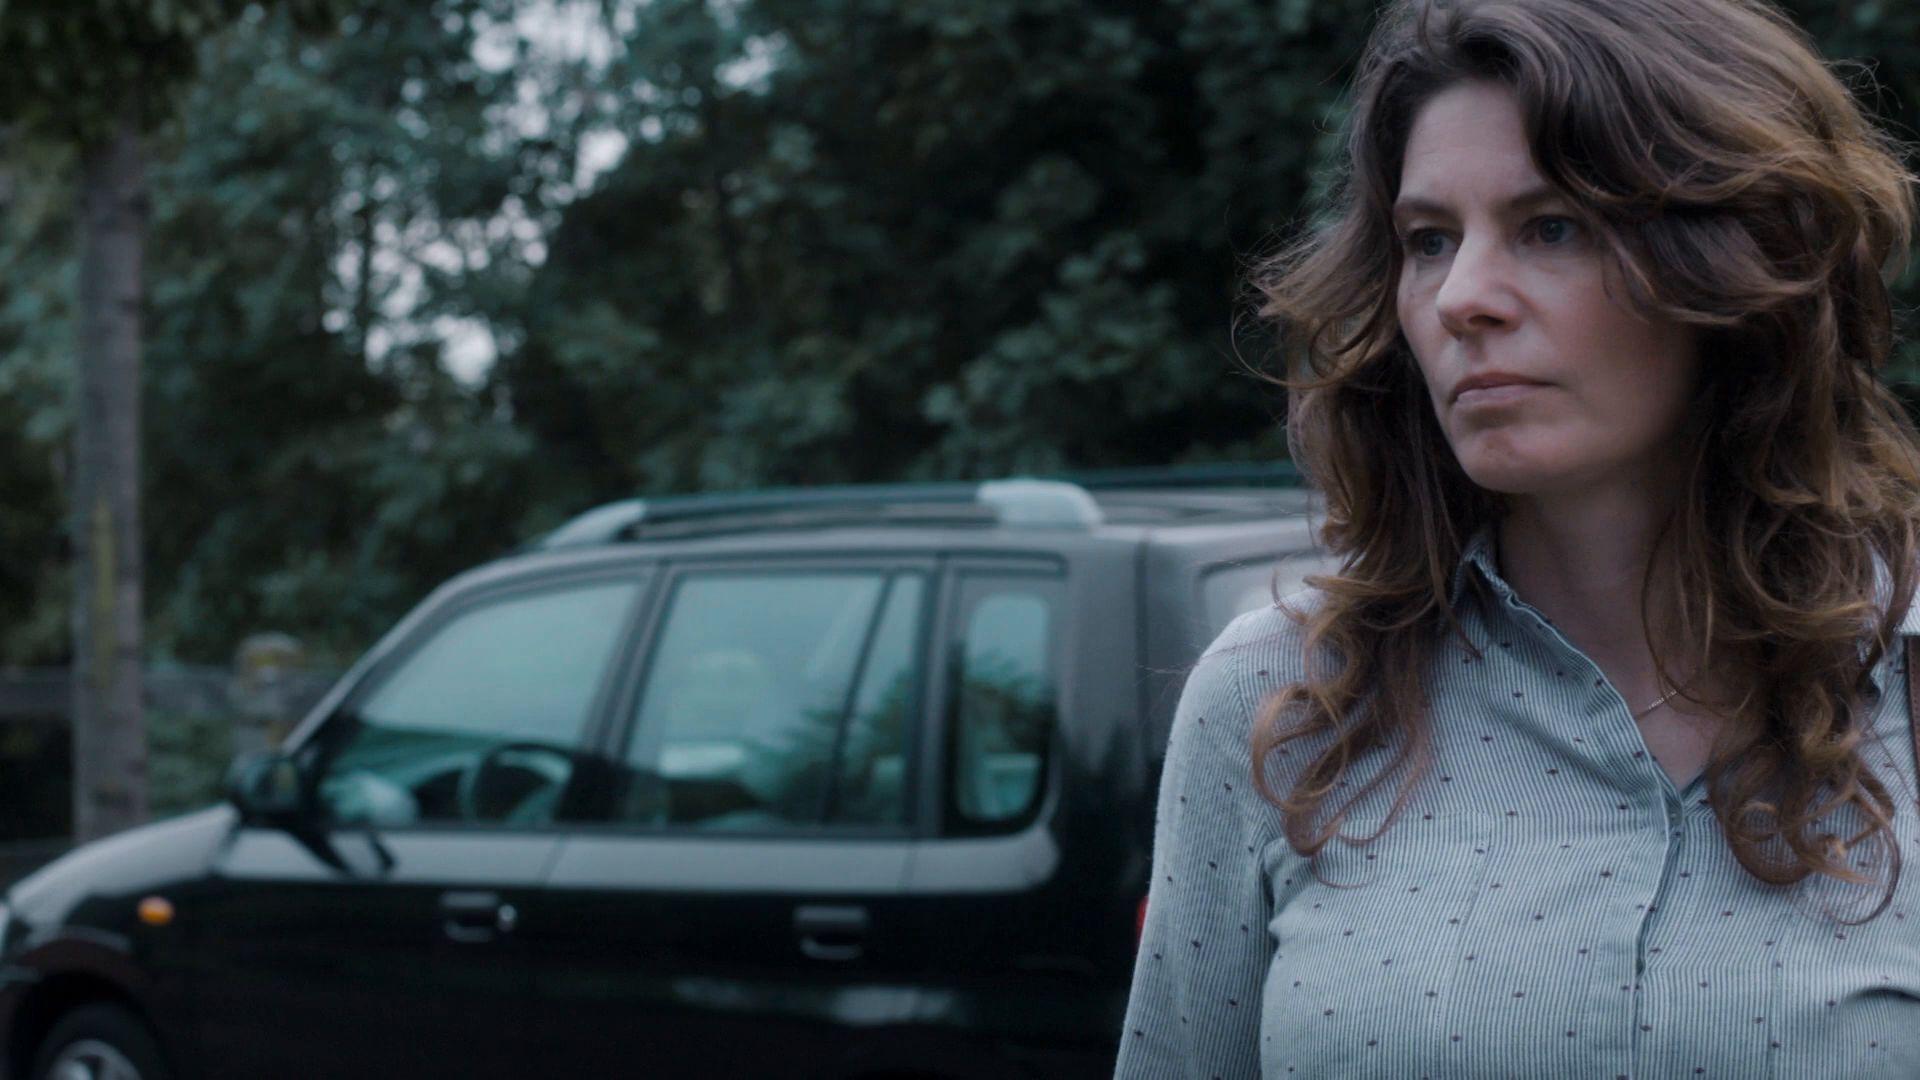 Season 01, Episode 01 Episode 1